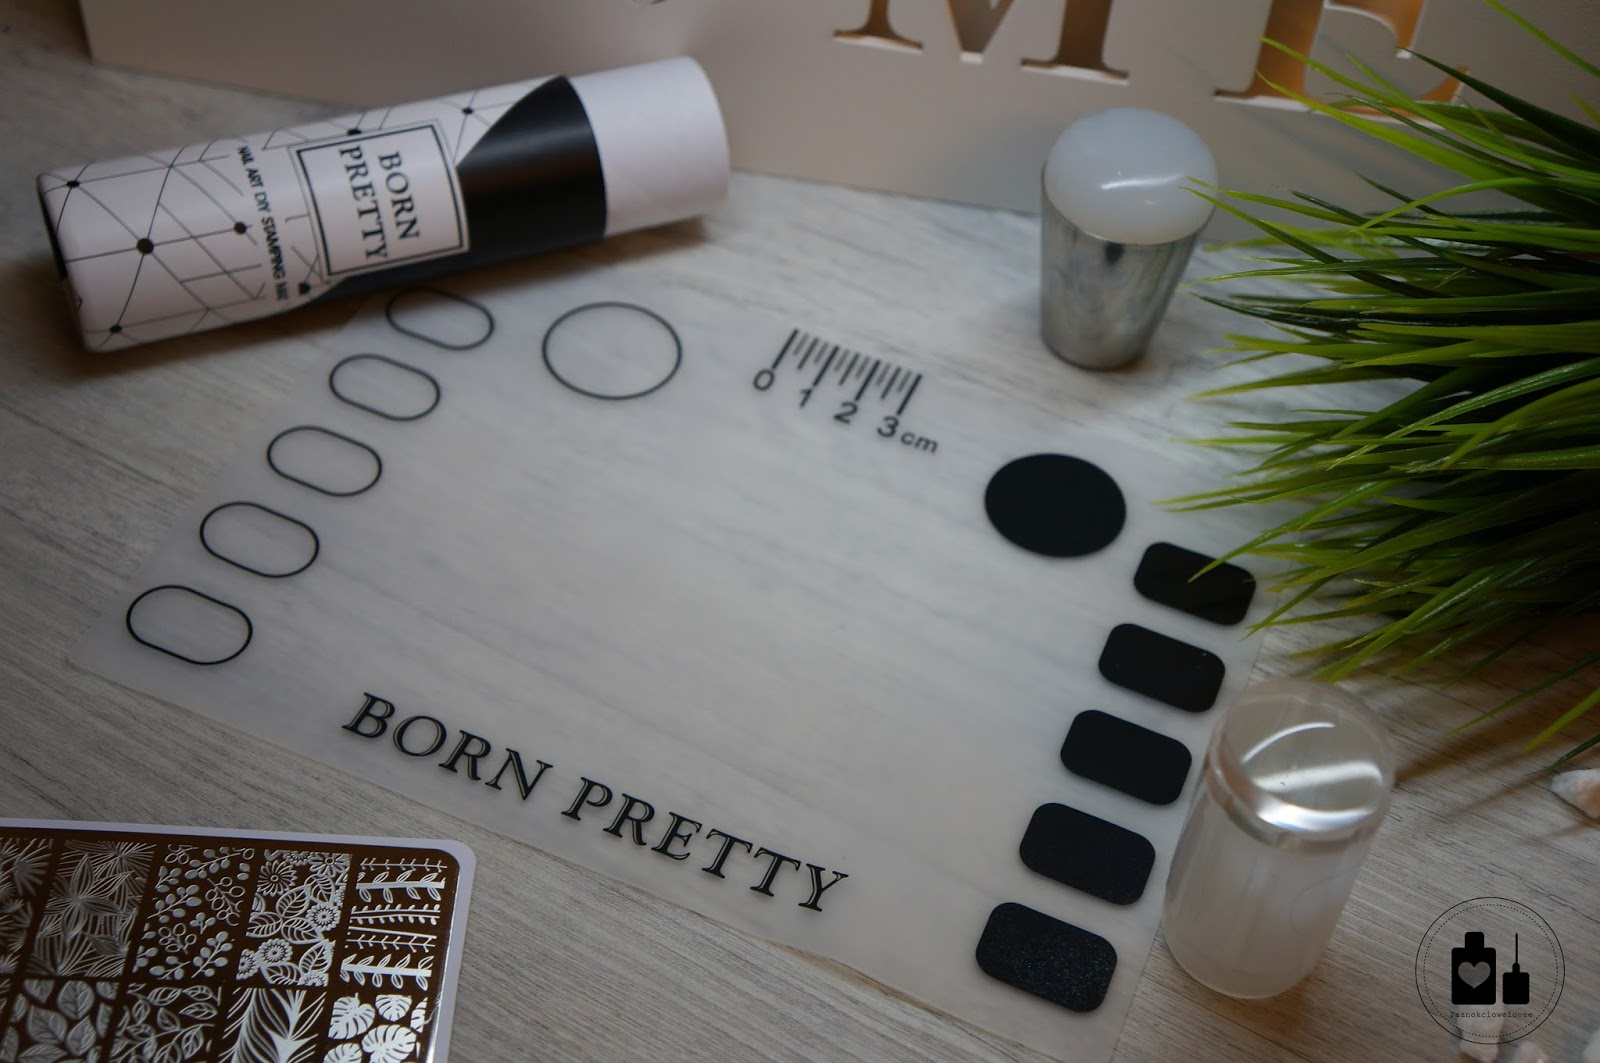 Mata silikonowa, Born Pretty Store